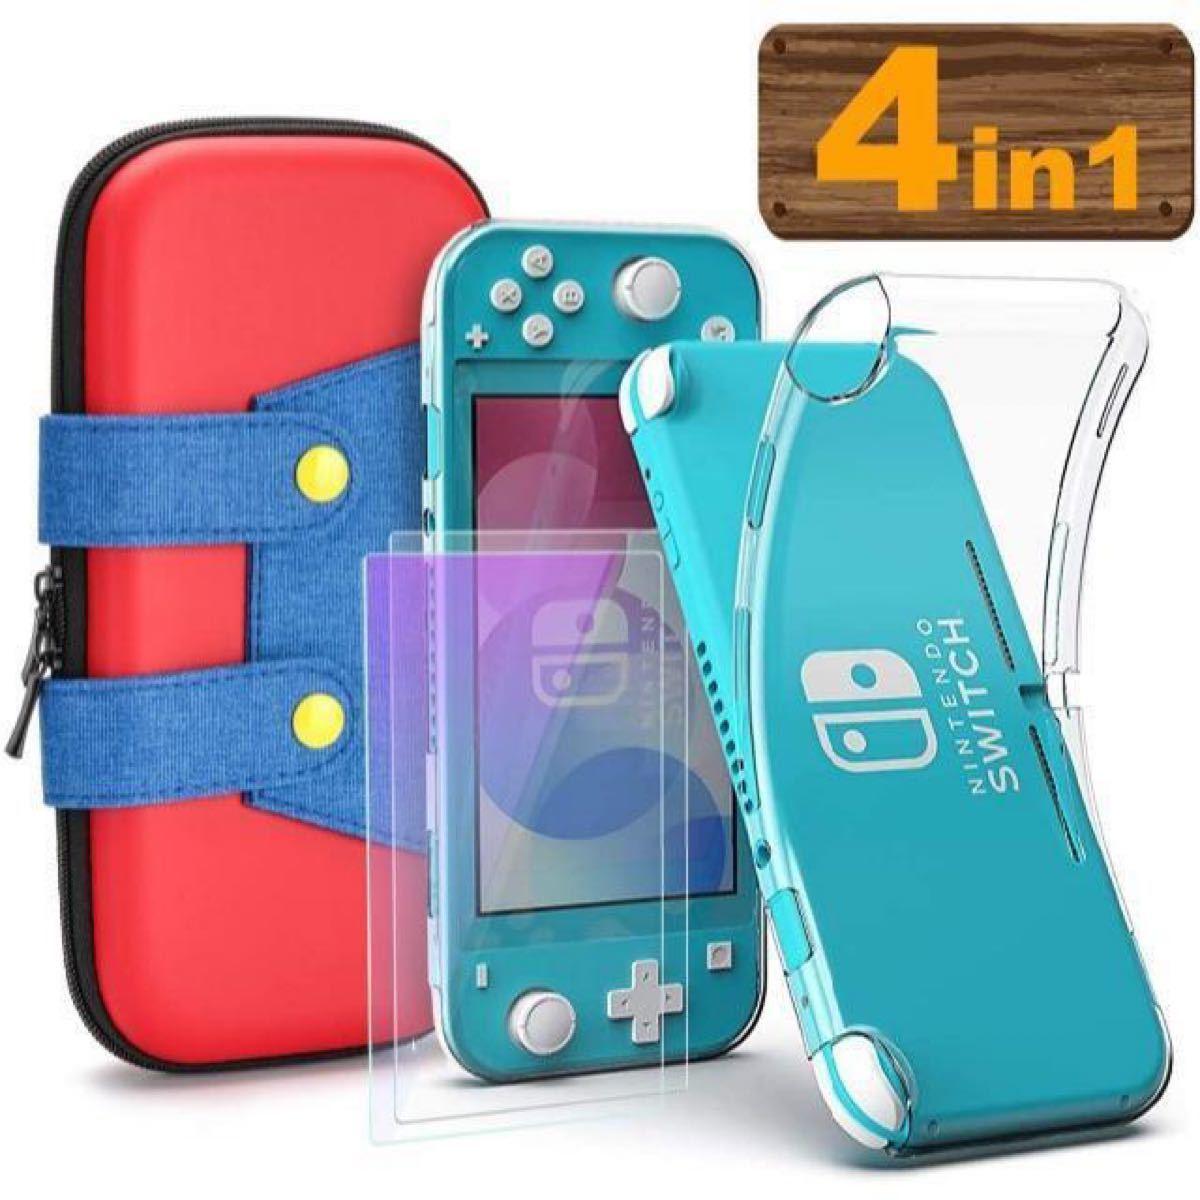 Nintendo Switch ニンテンドースイッチ 任天堂スイッチケースケース